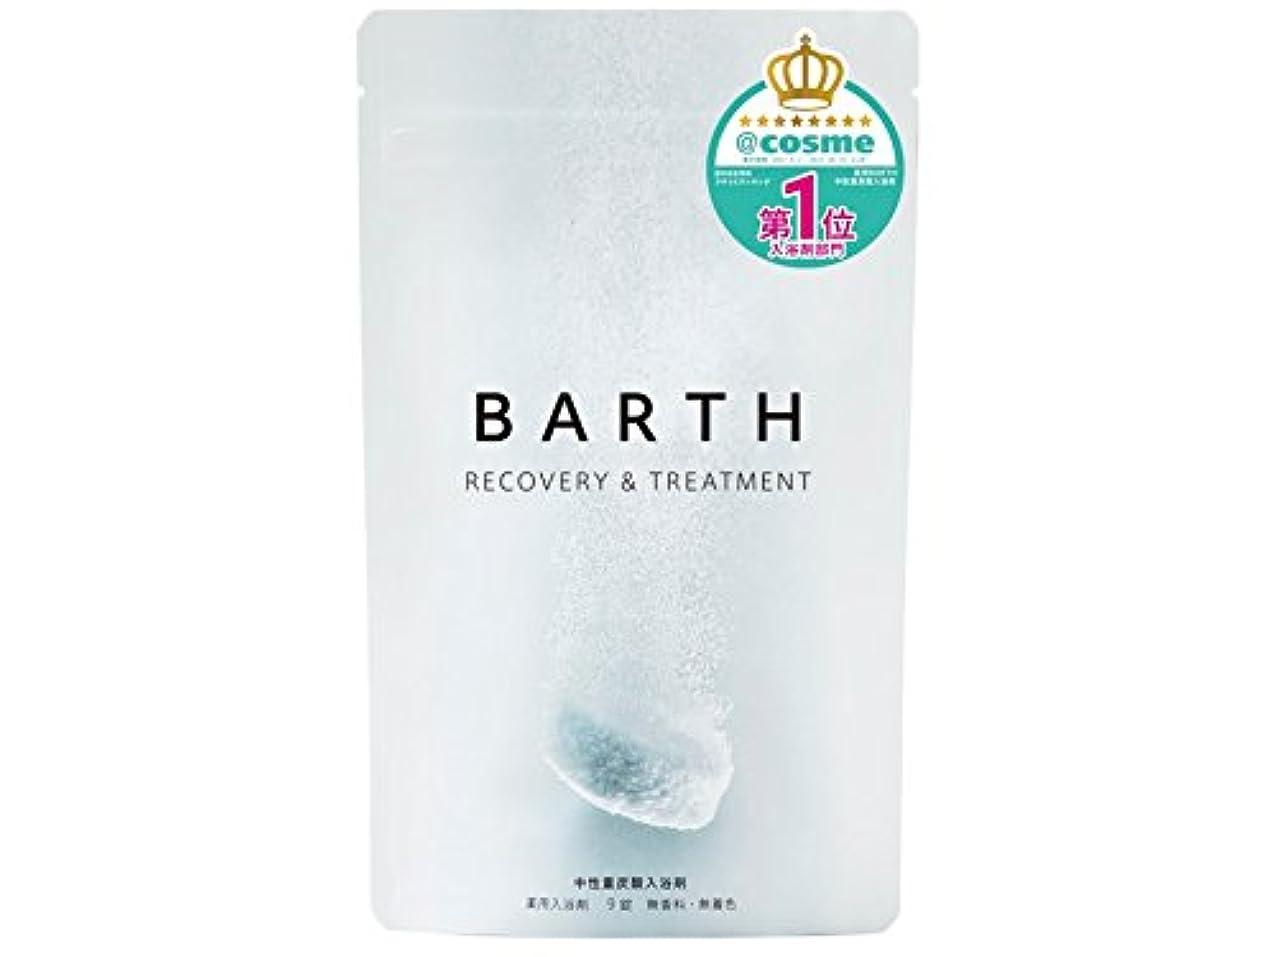 襲撃足音宝石BARTH【バース】入浴剤 中性 重炭酸 9錠入り (炭酸泉 無香料 保湿 発汗)